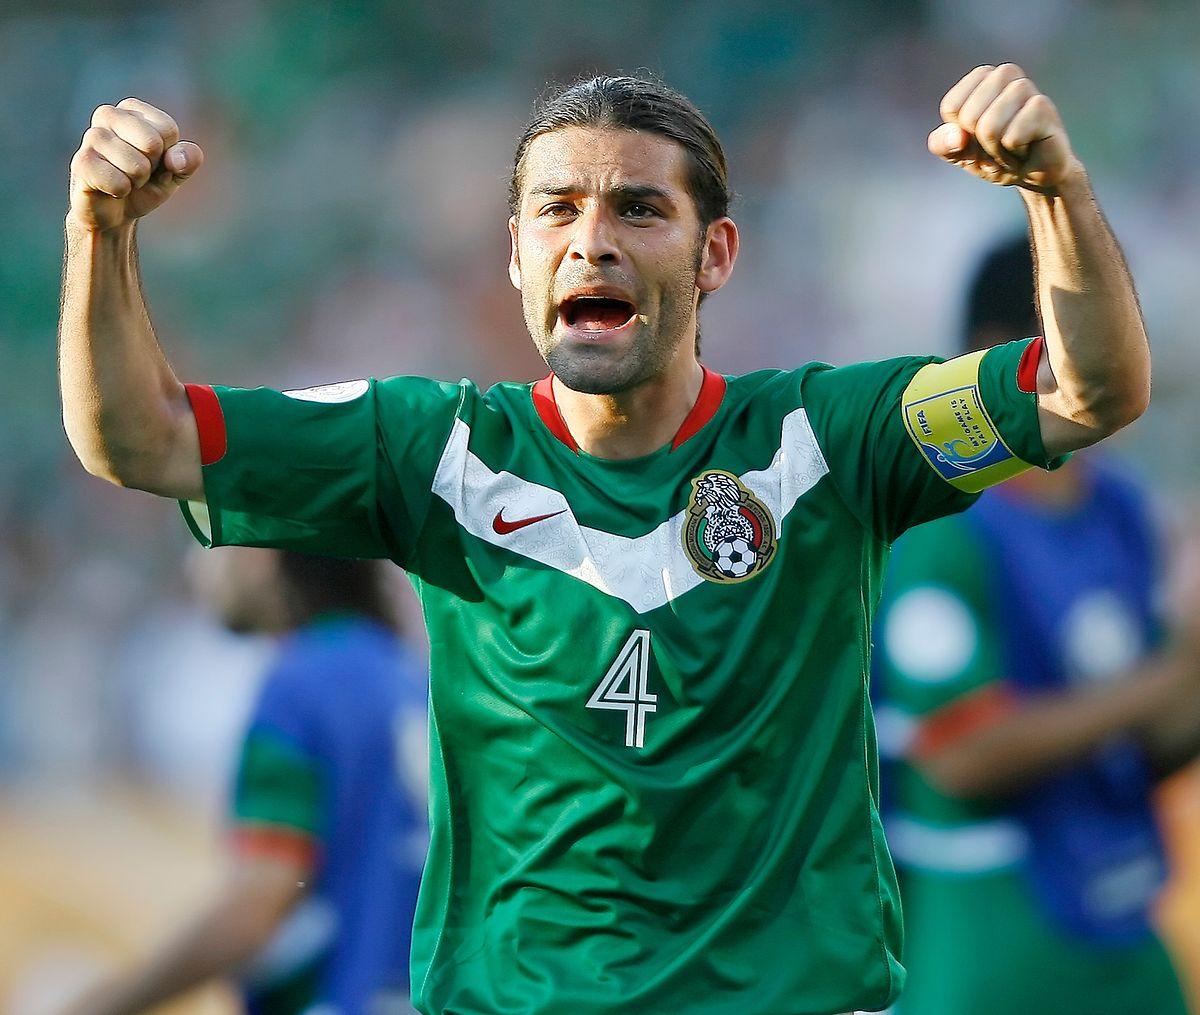 Routinier: Mexikos Rafael Marquez spielt in Russland seine fünfte WM-Endrunde, er stand schon 2002 in Südkorea und Japan im Kader.